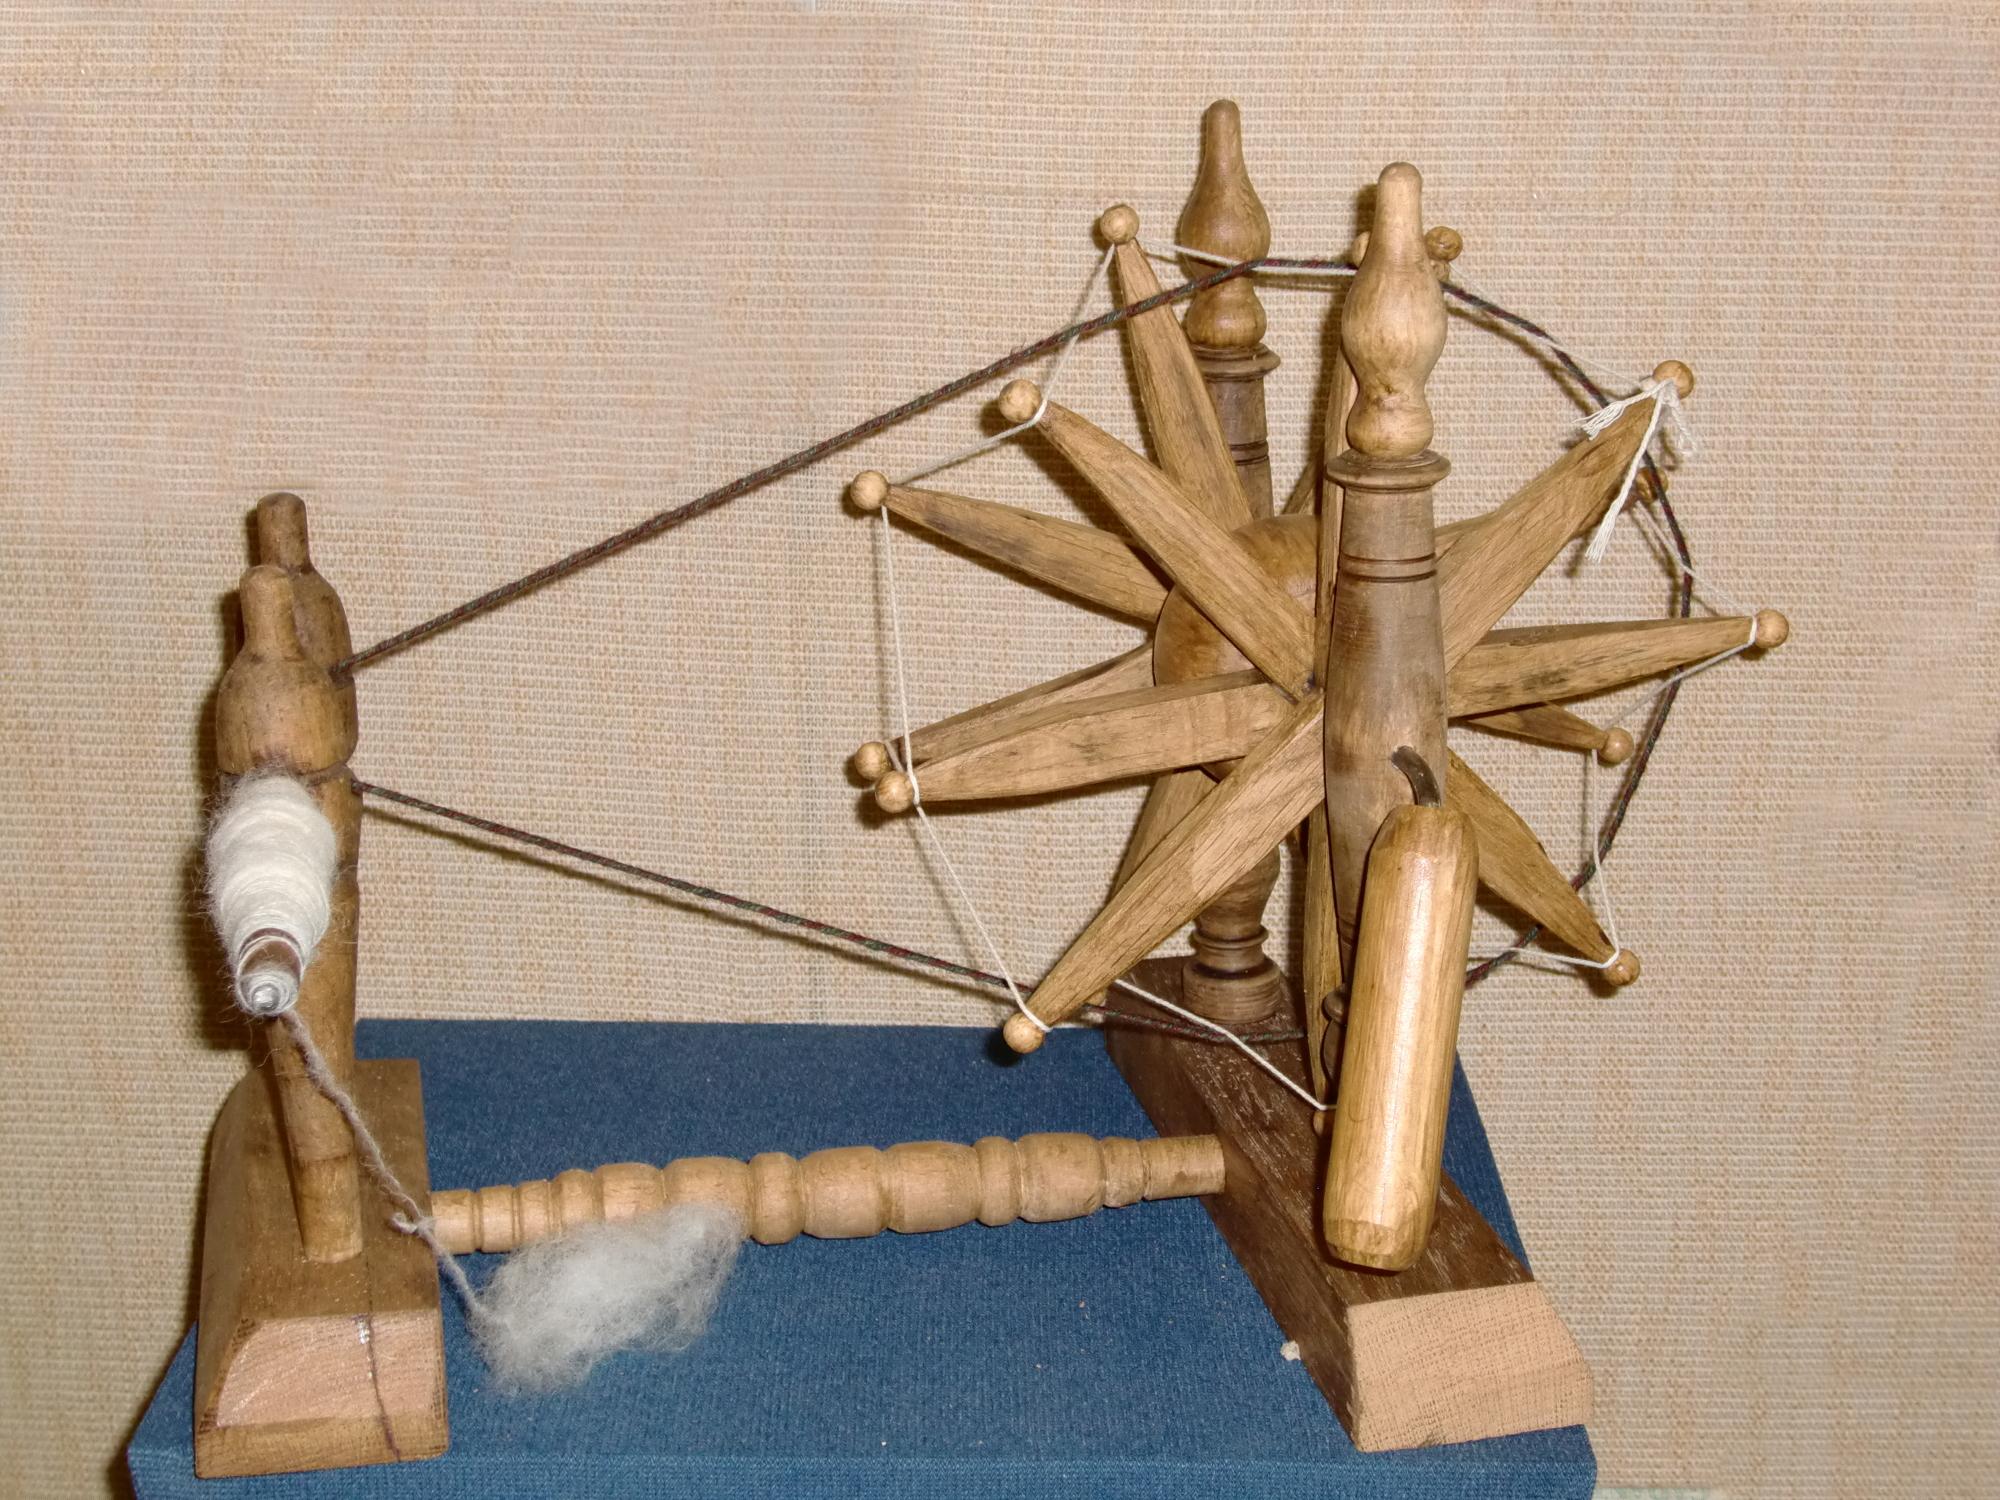 Spindelrad - wird mit der Hand angetrieben